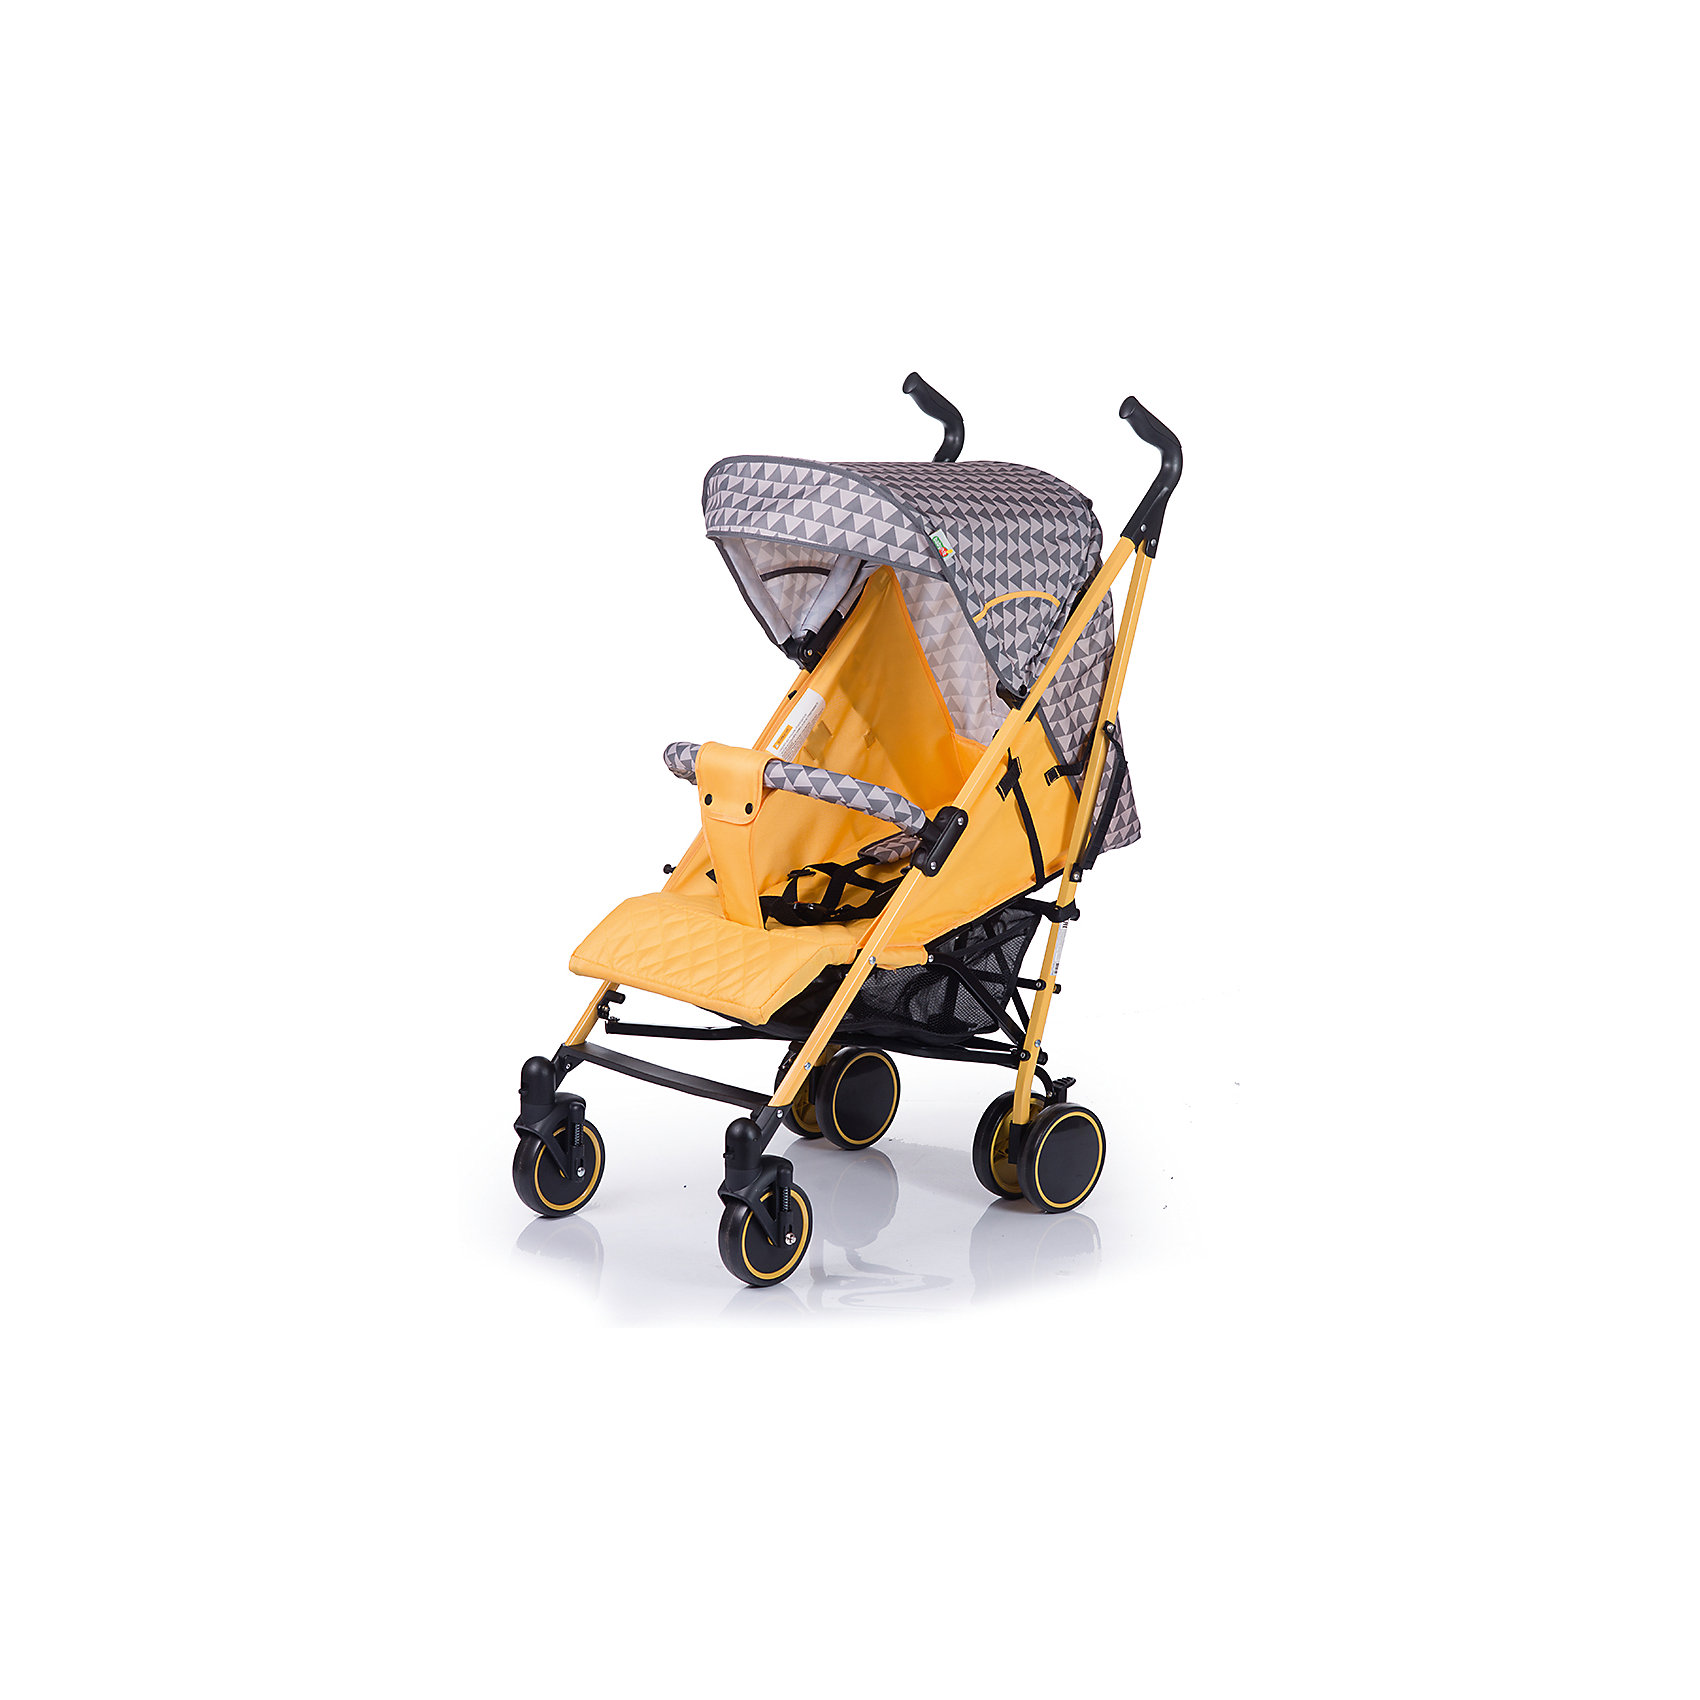 Коляска-трость BabyHit Handy, серый/жёлтыйКоляски-трости более 7 кг.<br>Характеристики коляски:<br><br>Рама коляски:<br><br>• наклон спинки коляски регулируется до горизонтального положения;<br>• подножка регулируется;<br>• система 5-ти точечных ремней безопасности;<br>• глубокий капюшон «батискаф»;<br>• капюшон оснащен смотровым окошком;<br>• съемный поручень с паховым ремнем;<br>• чехол на ножки согревает ребенка в холодное время года;<br>• москитная сетка защищает кроху от насекомых;<br>• длина спального места: 75 см;<br>• ширина сиденья: 35 см;<br>• глубина сиденья: 21 см;<br>• высота спинки:  47 см.<br><br>Рама коляски:<br><br>• одинарные передние поворотные колеса с фиксацией в положении «прямо»;<br>• ручки коляски регулируются по высоте;<br>• система амортизации на всех колесах;<br>• корзина для покупок;<br>• тип складывания: трость;<br>• высота до ручки: 87-107 см;<br>• диаметр передних колес: 14 см;<br>• диаметр задних колес: 15 см.<br><br>Размеры коляски в разложенном виде: 83х50х107 см<br>Размеры коляски в сложенном виде: 107х33х33 см<br>Вес коляски: 8 кг<br><br>Коляску-трость Babyhit Handy можно купить в нашем интернет-магазине.<br><br>Ширина мм: 300<br>Глубина мм: 230<br>Высота мм: 1000<br>Вес г: 9850<br>Возраст от месяцев: 6<br>Возраст до месяцев: 36<br>Пол: Унисекс<br>Возраст: Детский<br>SKU: 6668608